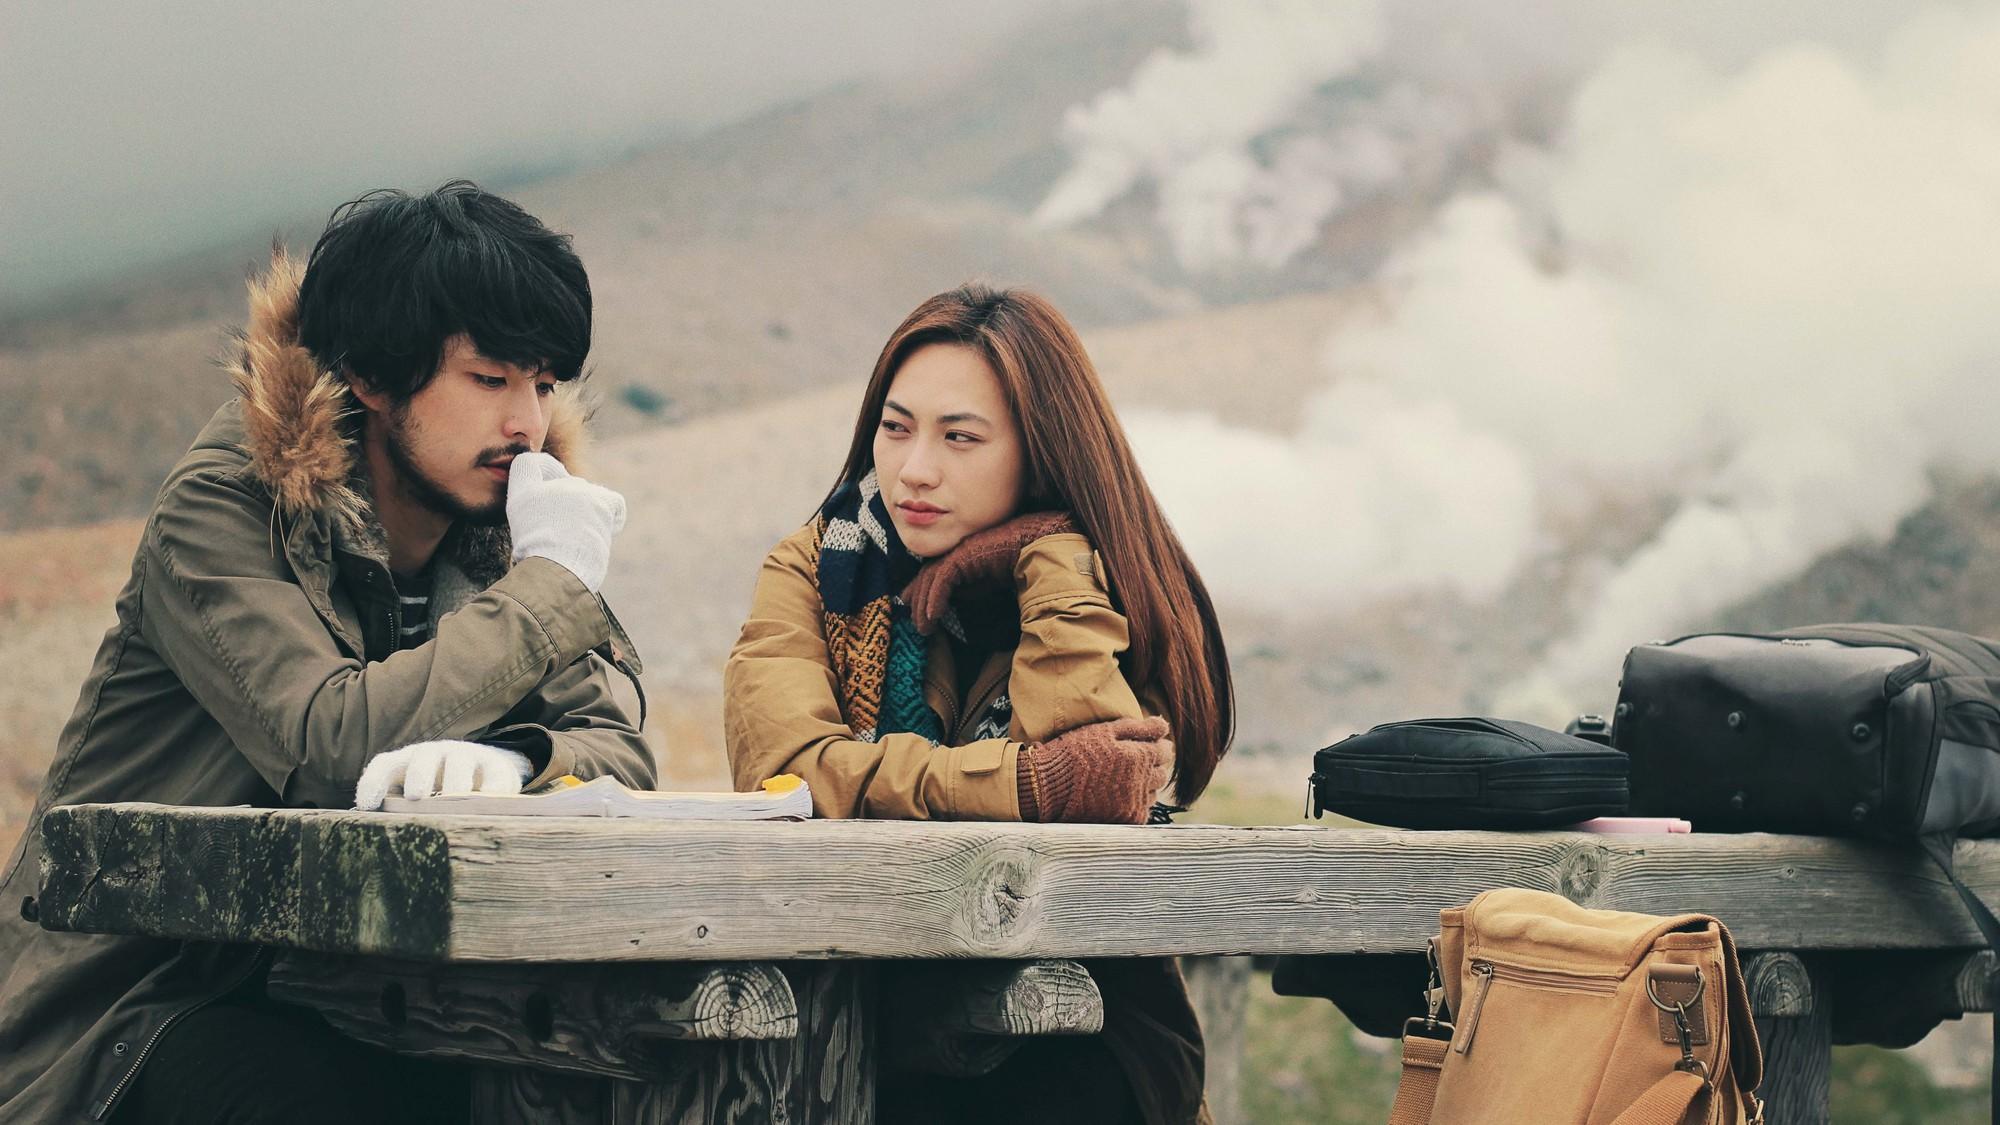 Phương Anh Đào: Cô gái có hai vai nữ chính, một vai nữ thứ trong mùa hè năm nay của điện ảnh Việt là ai? - Ảnh 8.